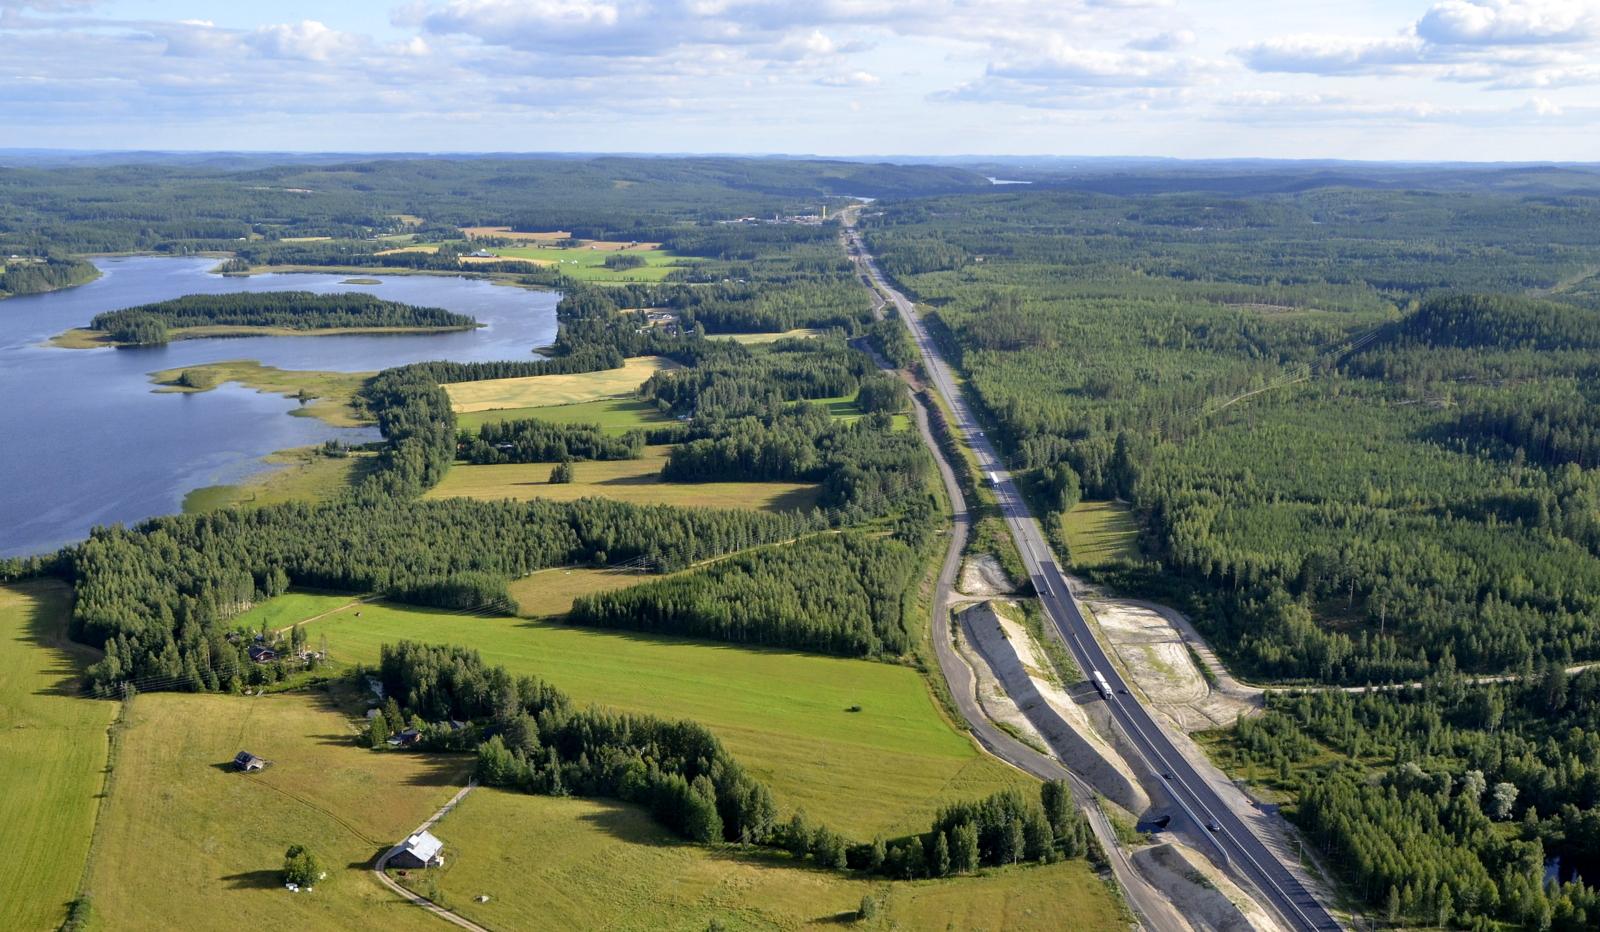 Nyt otan suunnan kohti Jyväskylää. Vasemmalla Niinivesi.